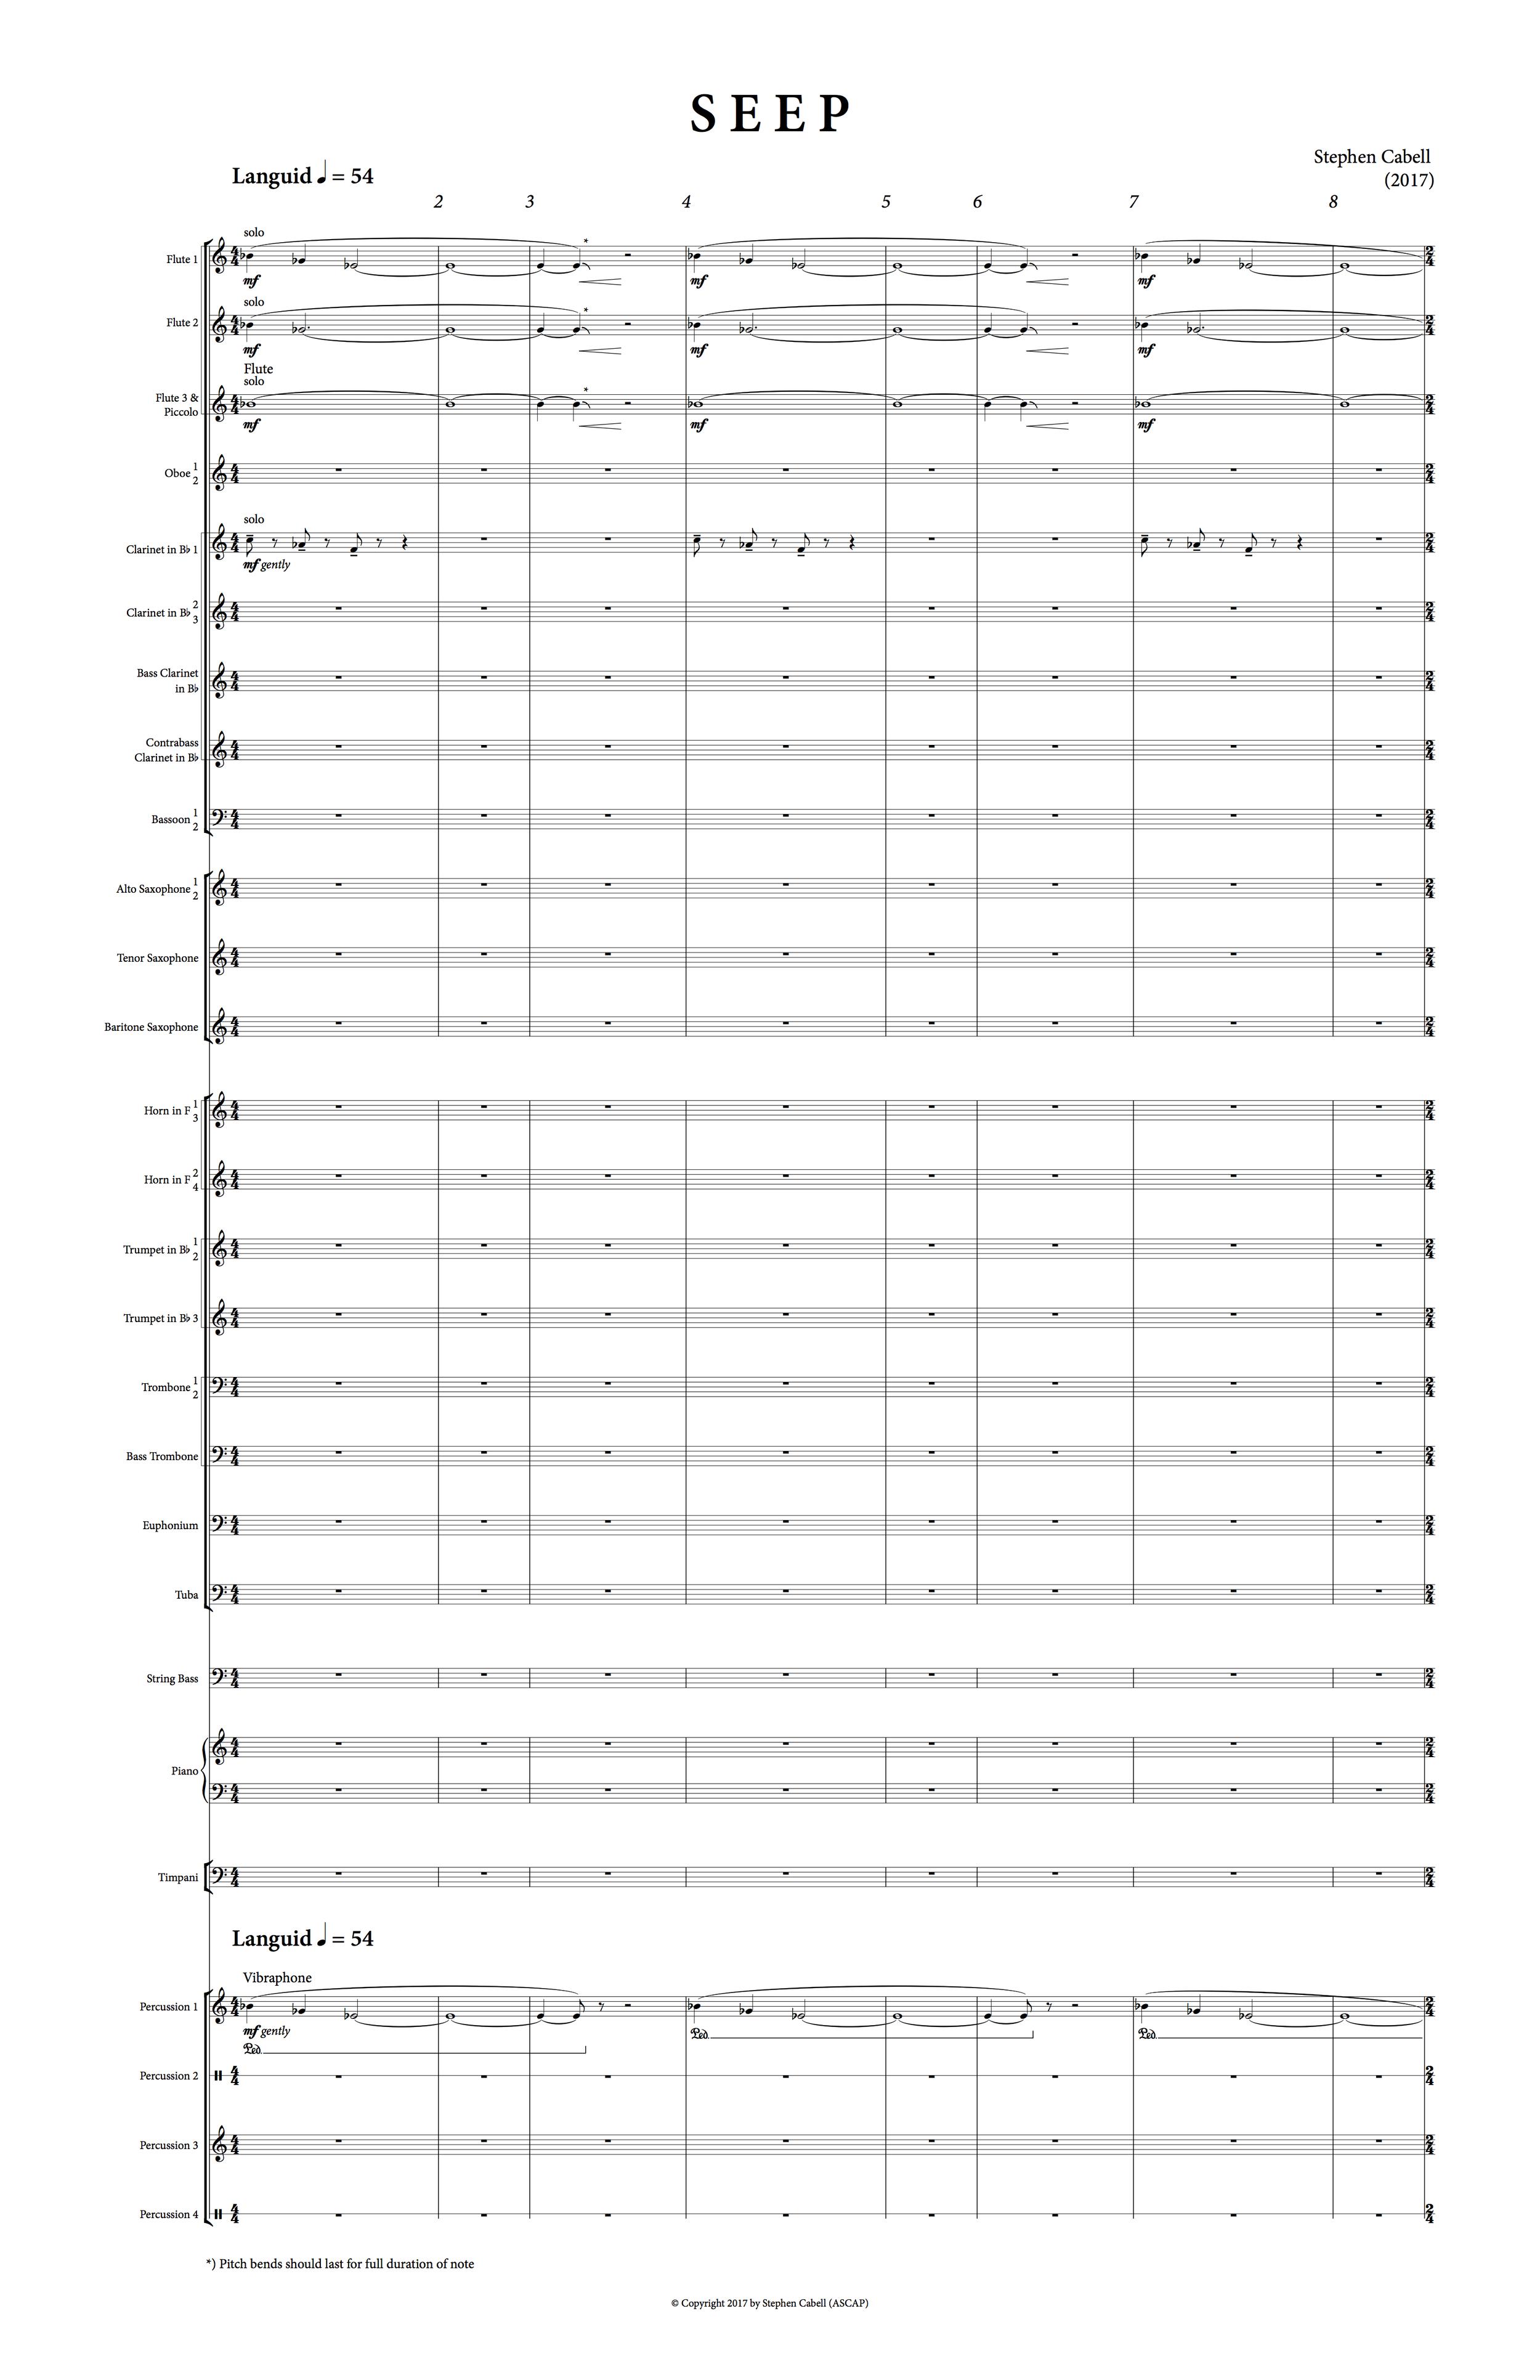 SEEP Full Score 20170227_0001 (7).png